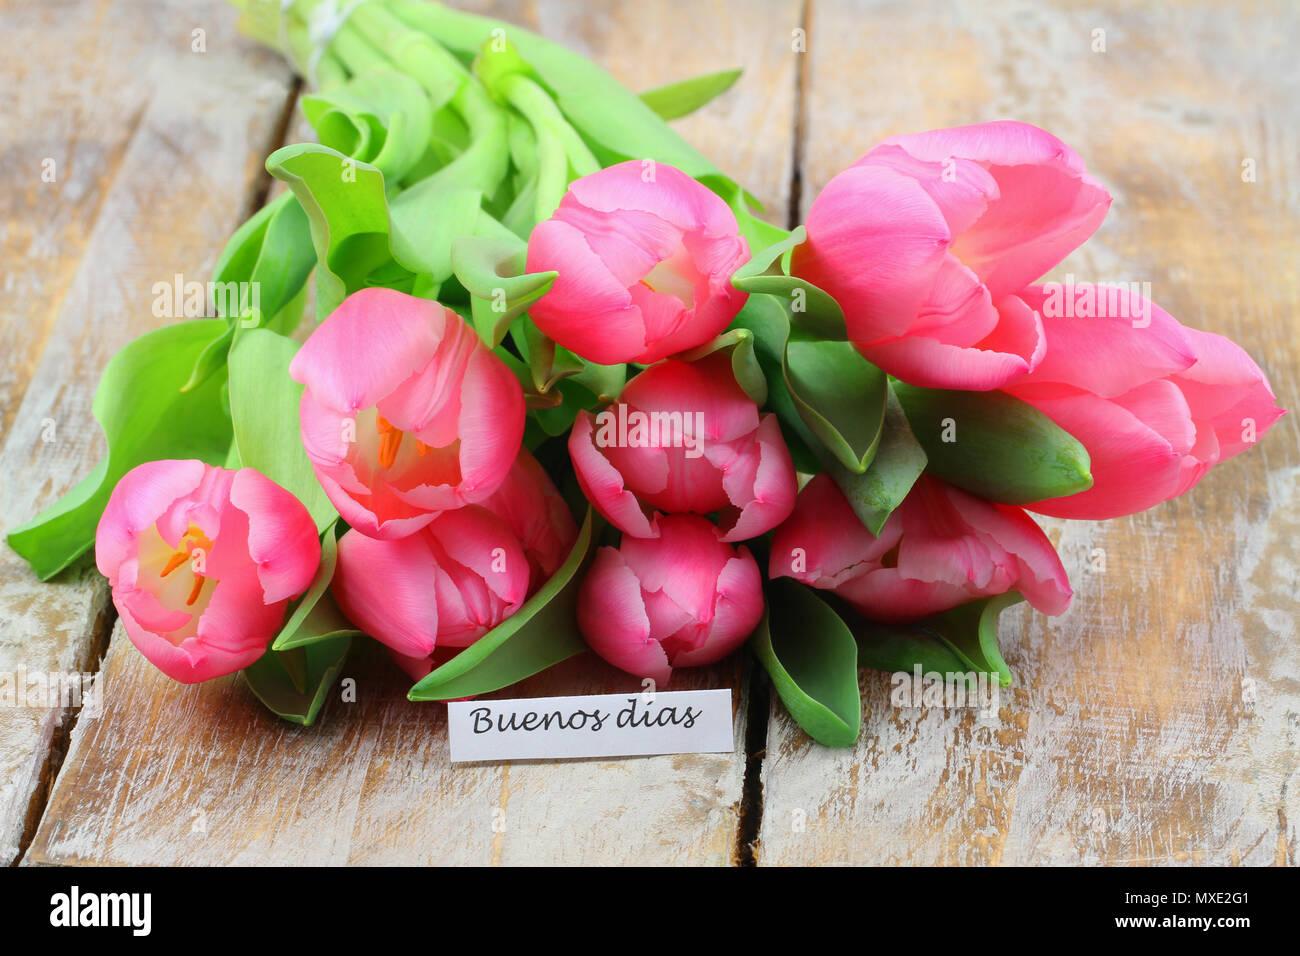 Buenos Dias Guten Morgen In Spanisch Mit Rosa Tulpen Auf